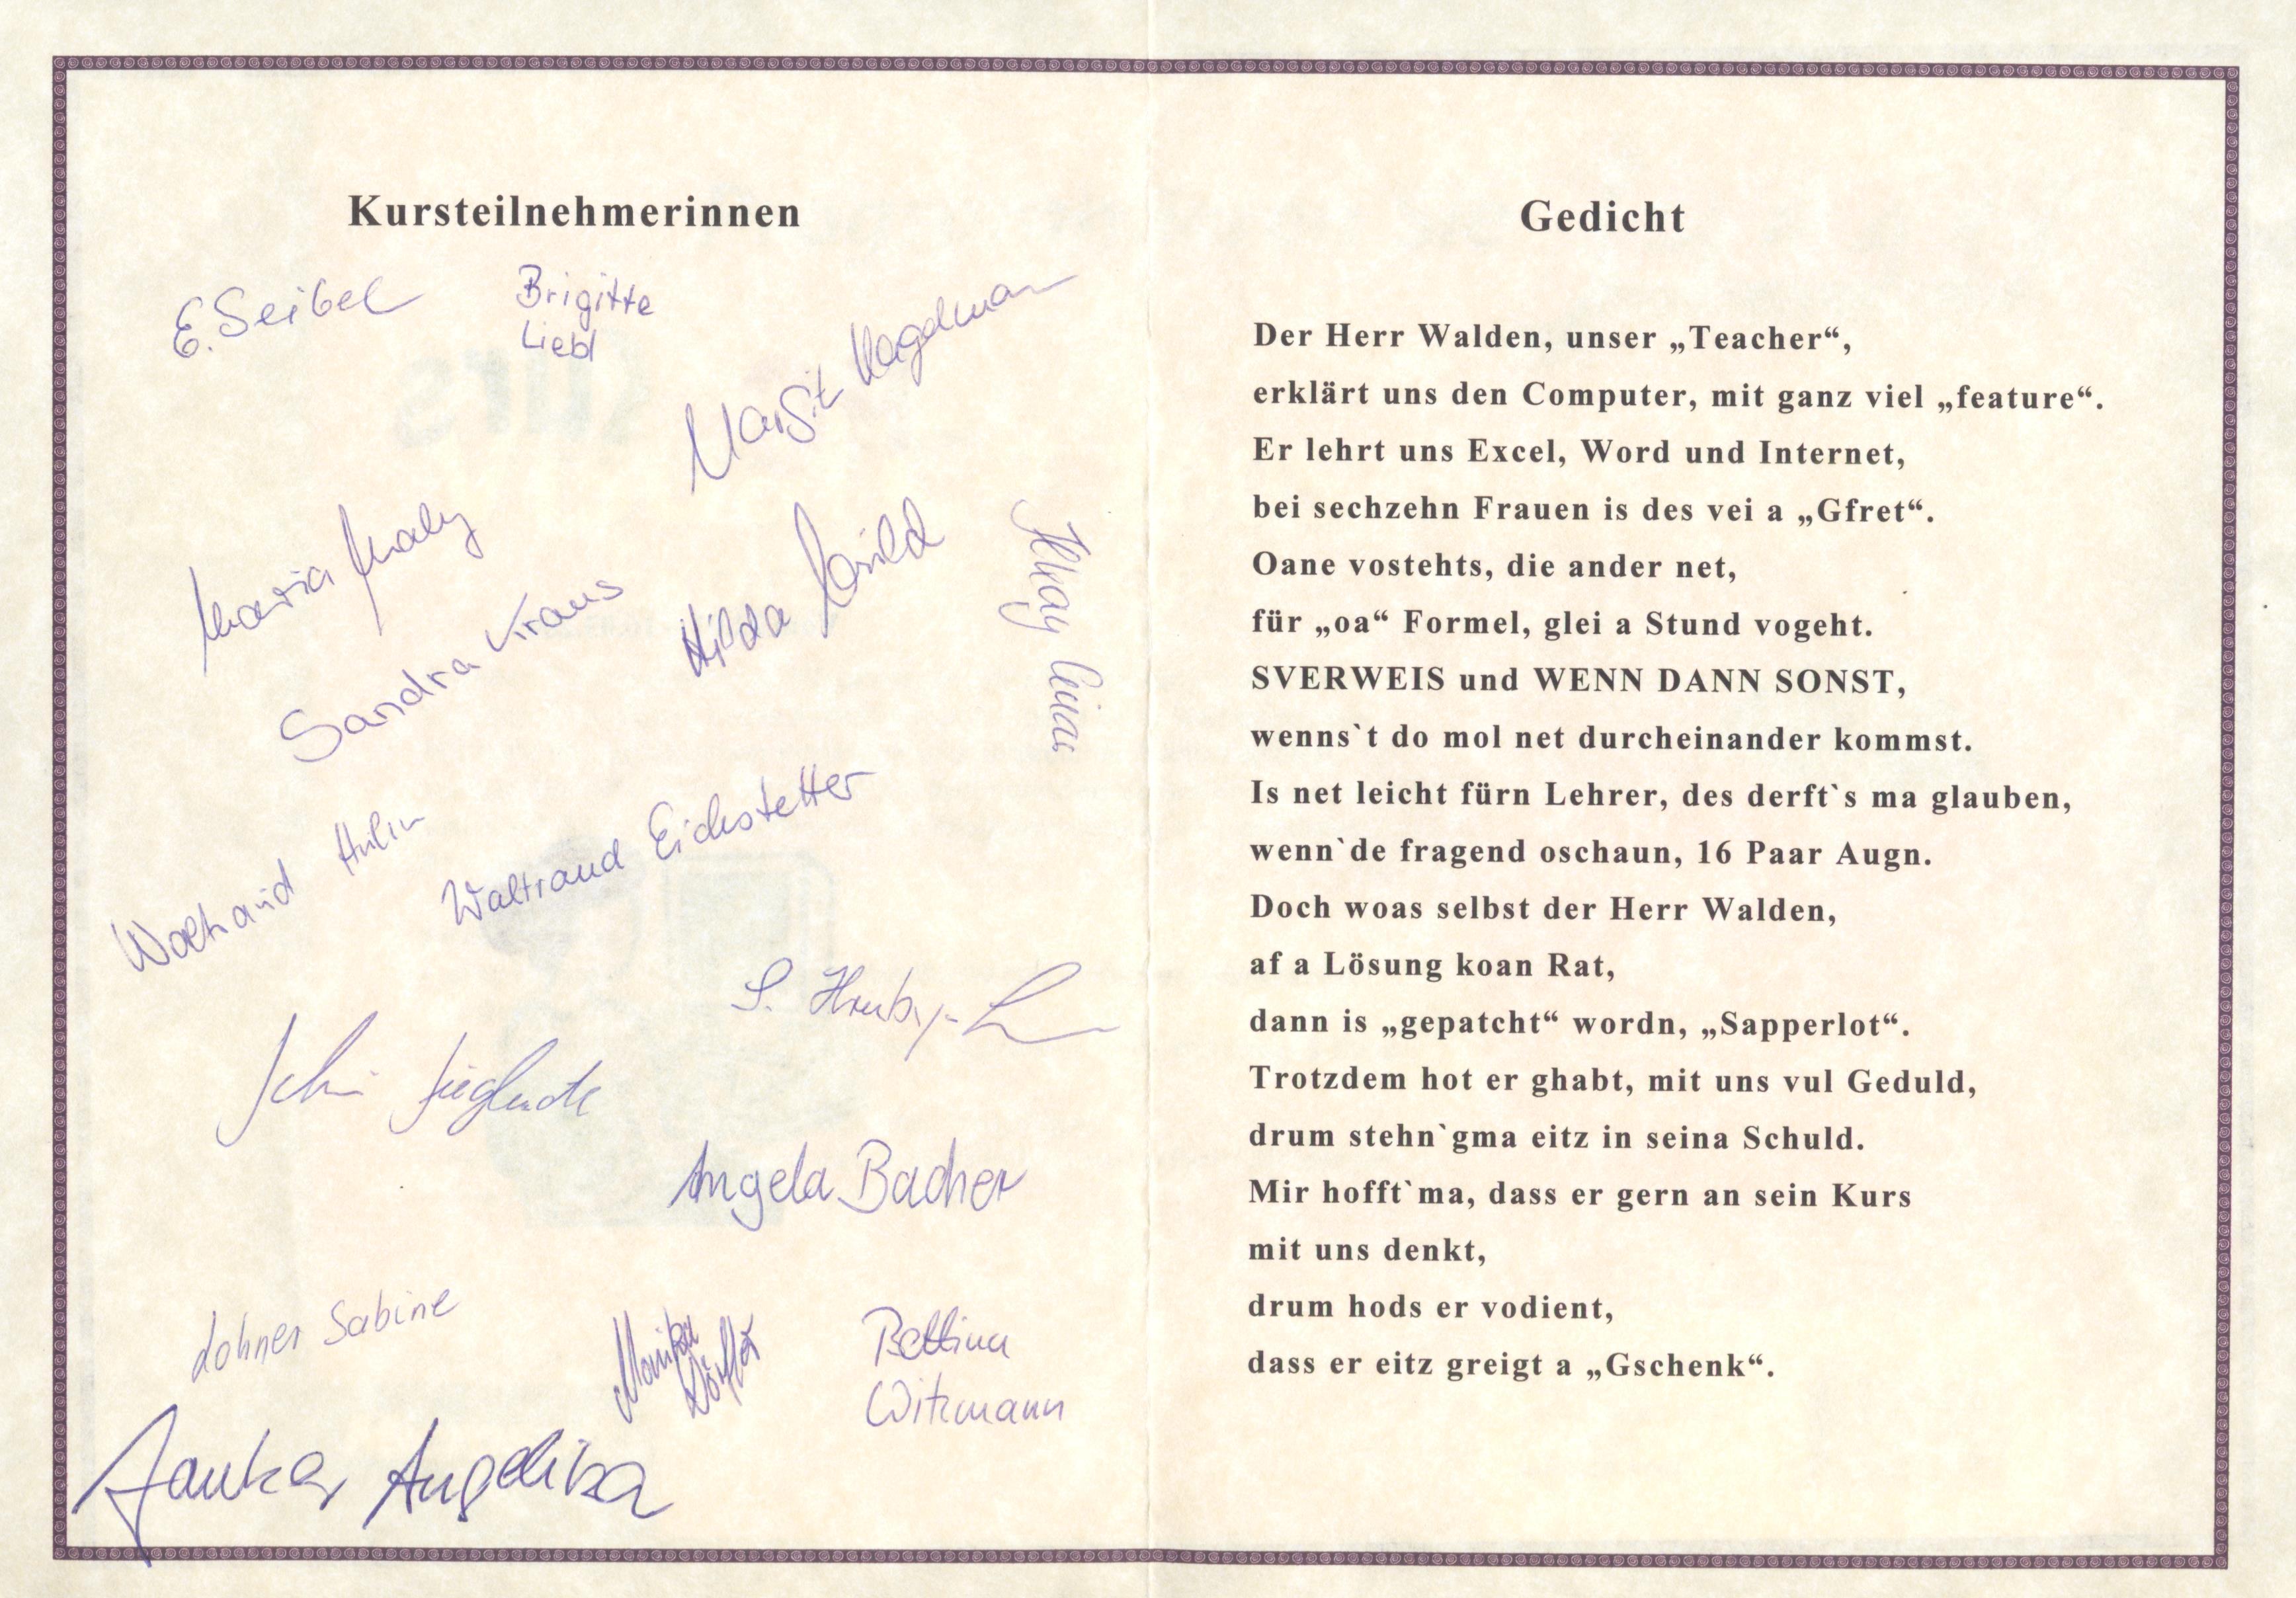 Ein Gedicht der Teilnehmer einer MS-Officeschulung bei der Fa. Advanced CAD in Regensburg